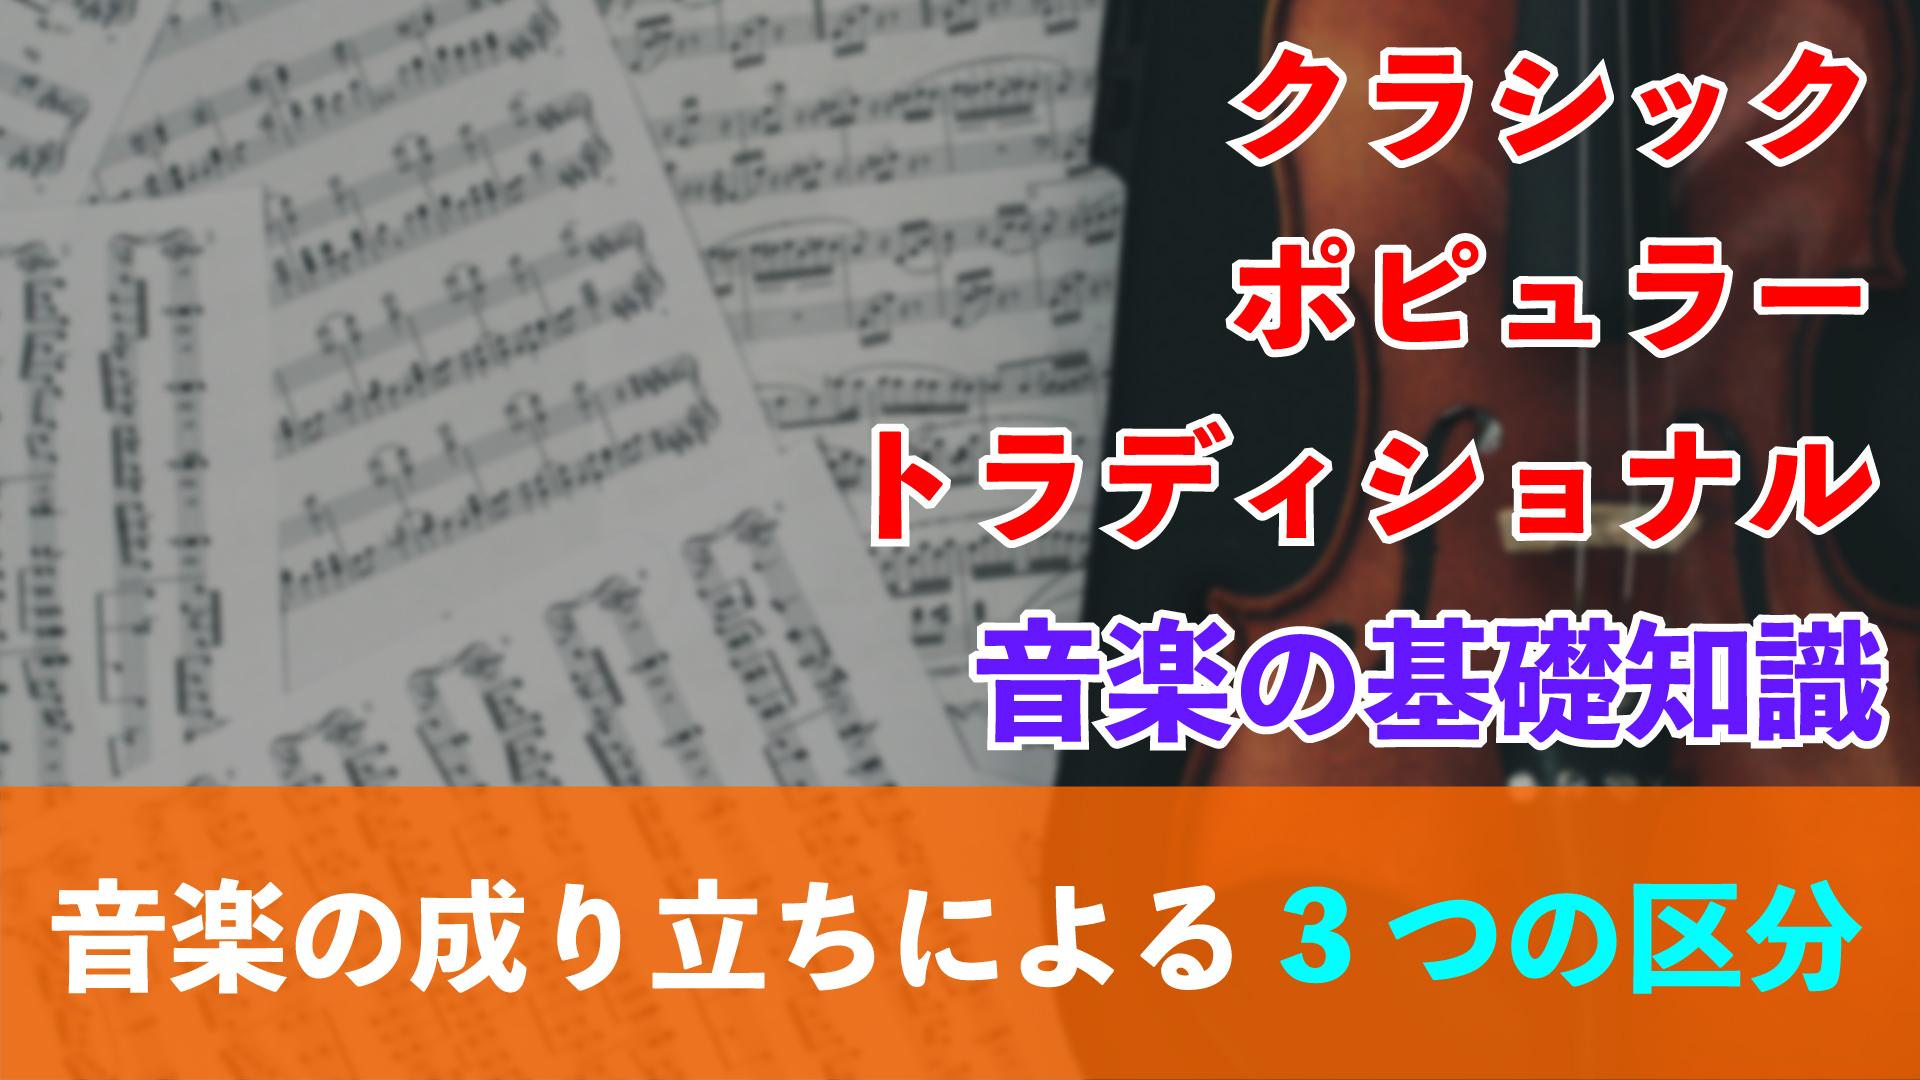 音楽の成り立ちによる3の区分_Thumbnail